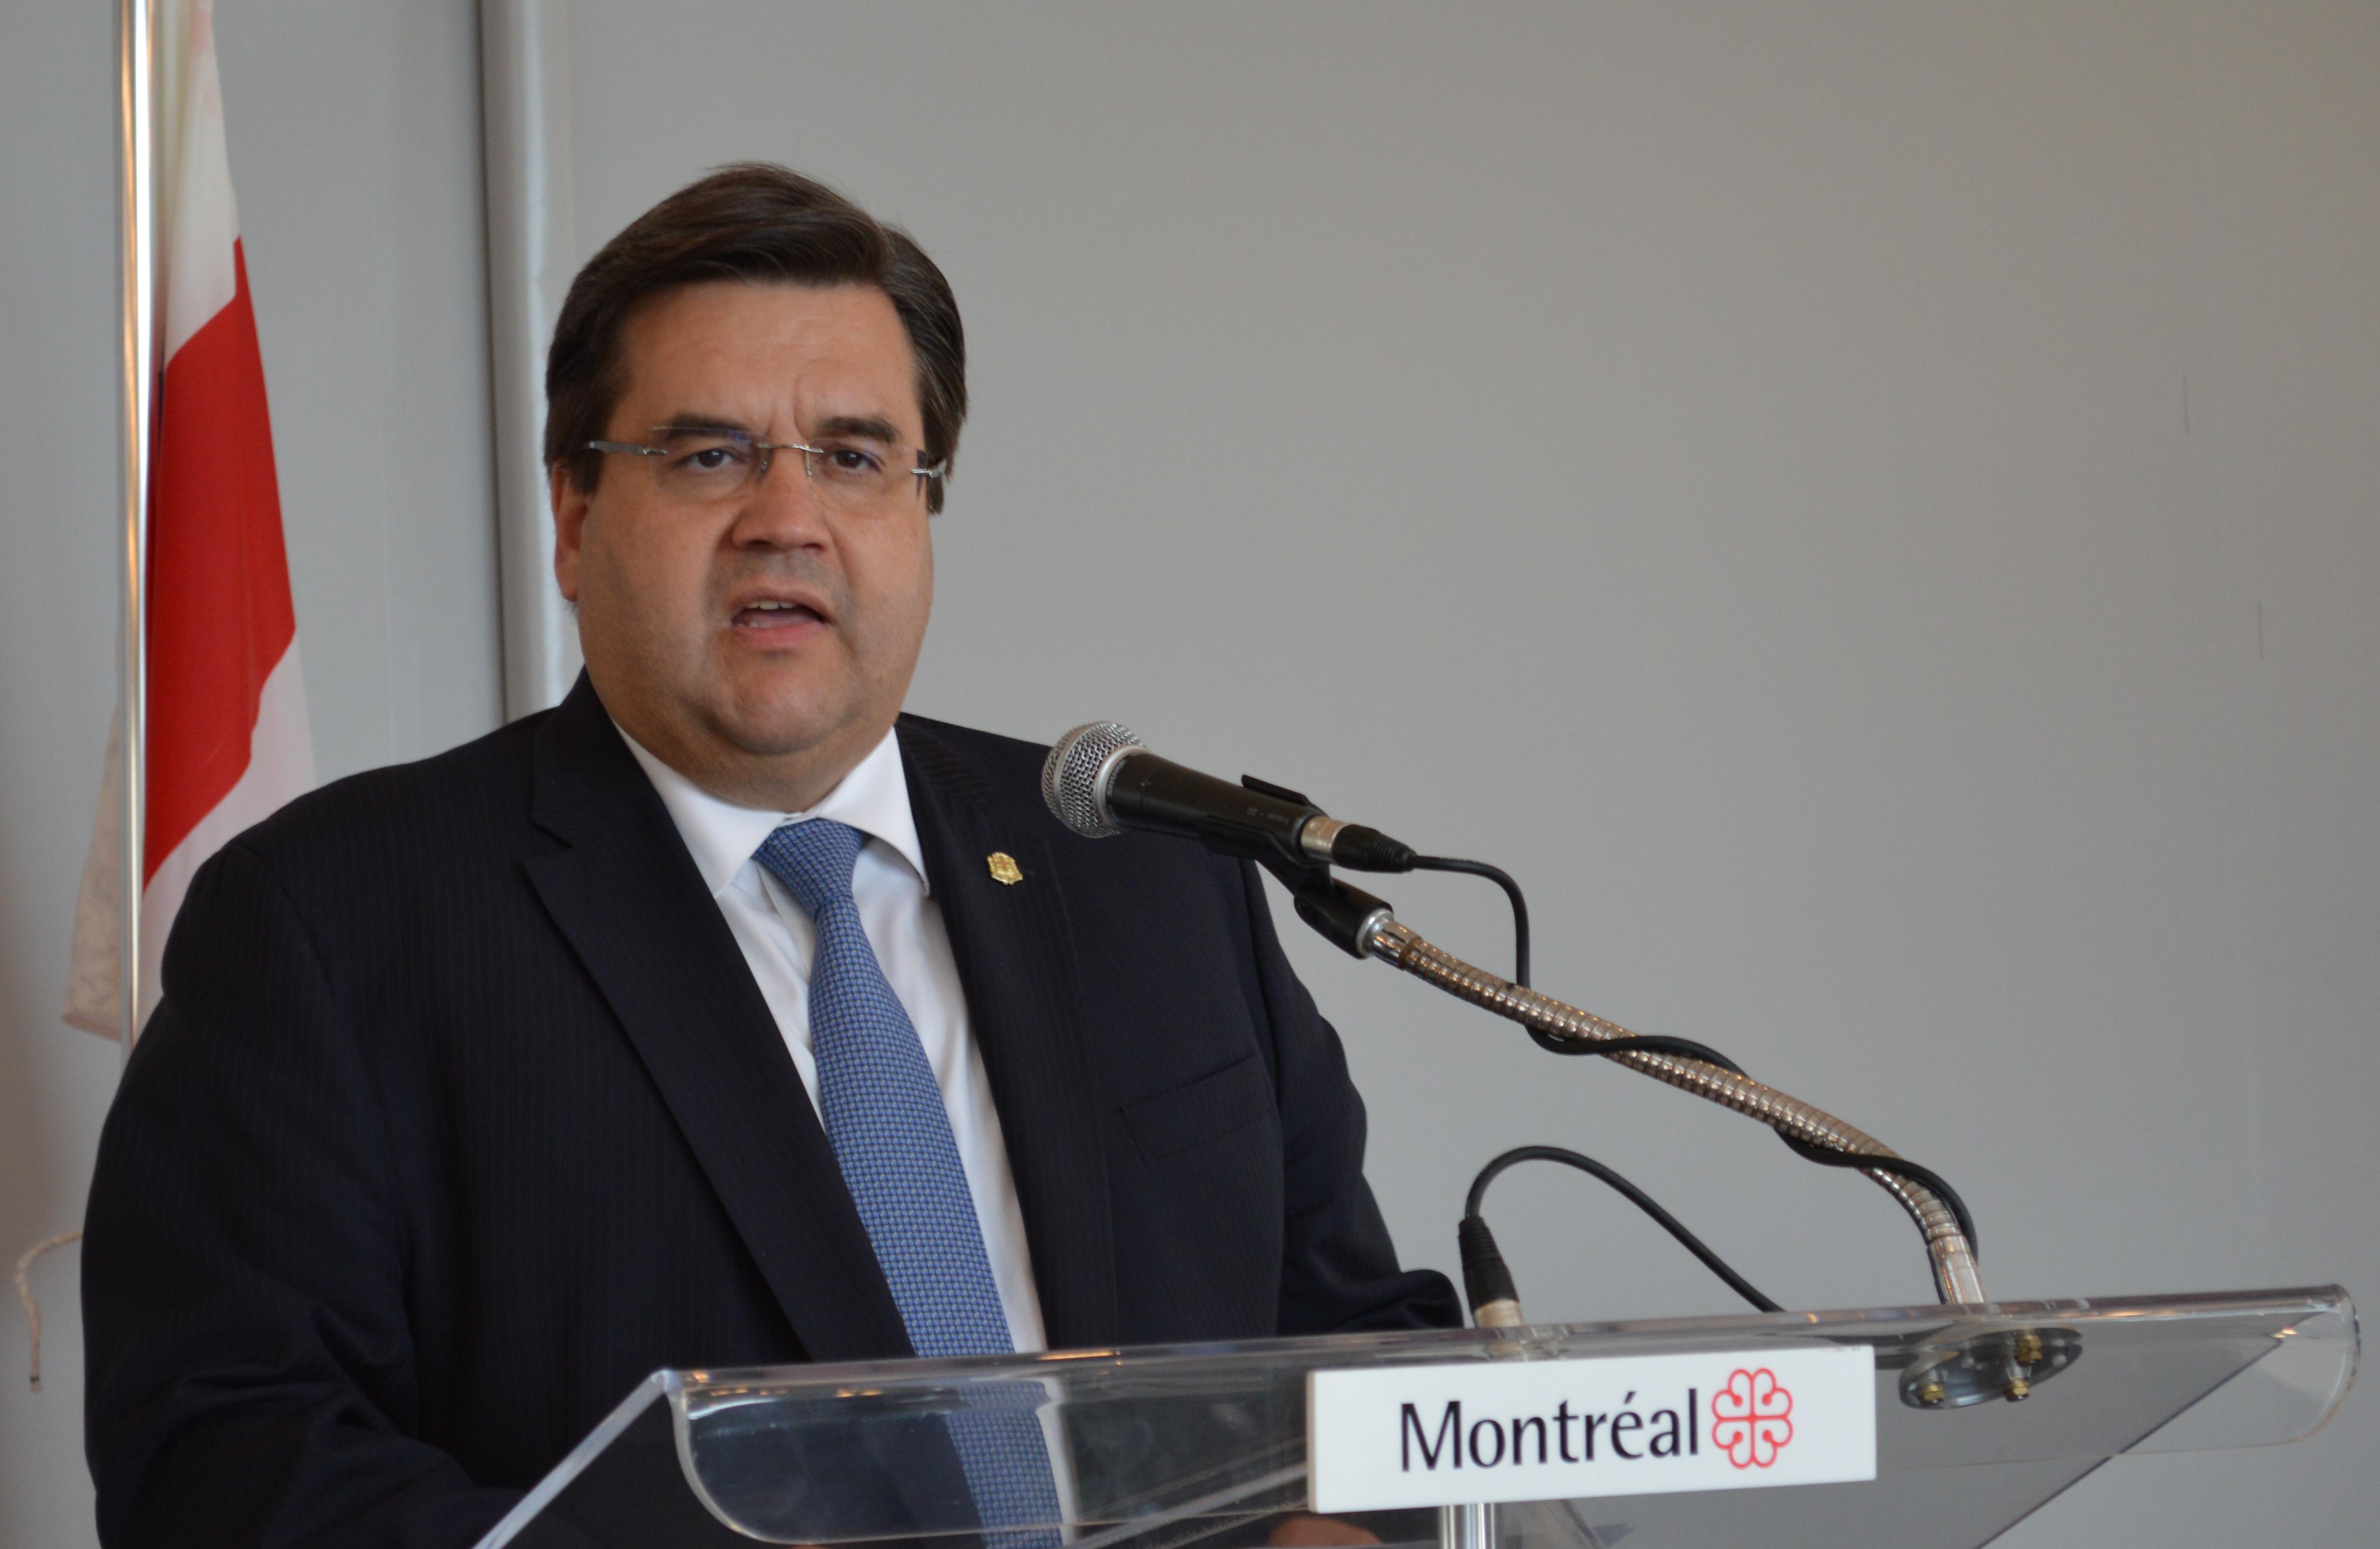 """Dieudonné refoulé par le Canada : """"Tant mieux!"""", lance Denis Coderre"""